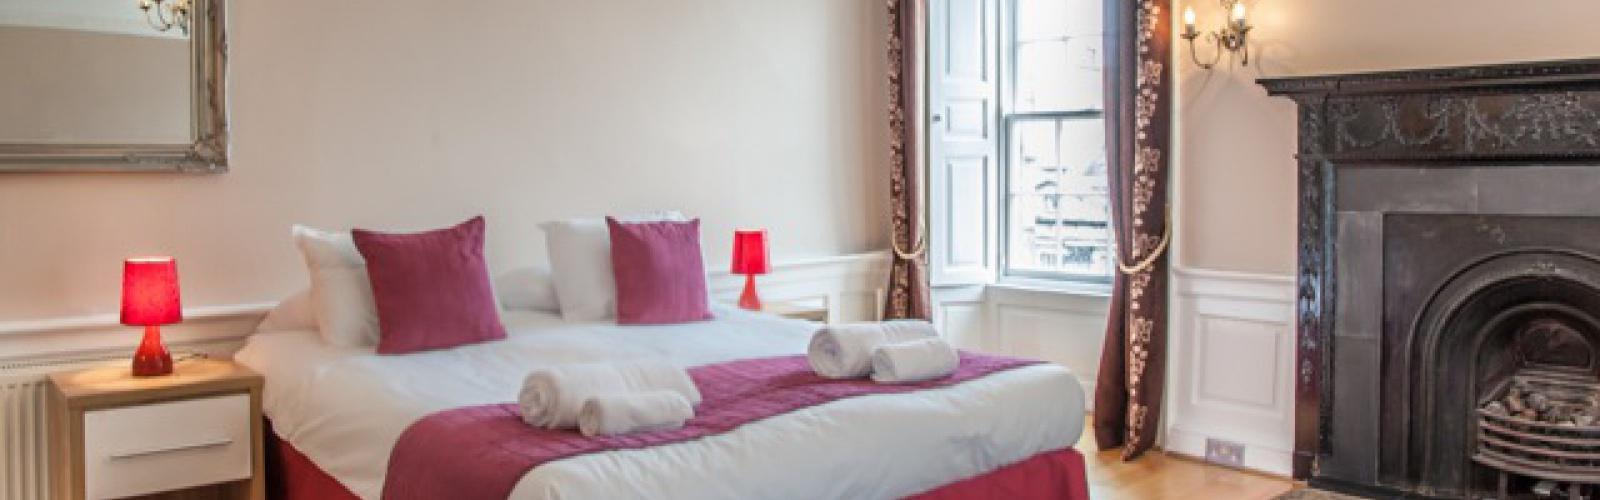 2 Bedrooms Bedrooms,1 BathroomBathrooms,Flat,1023